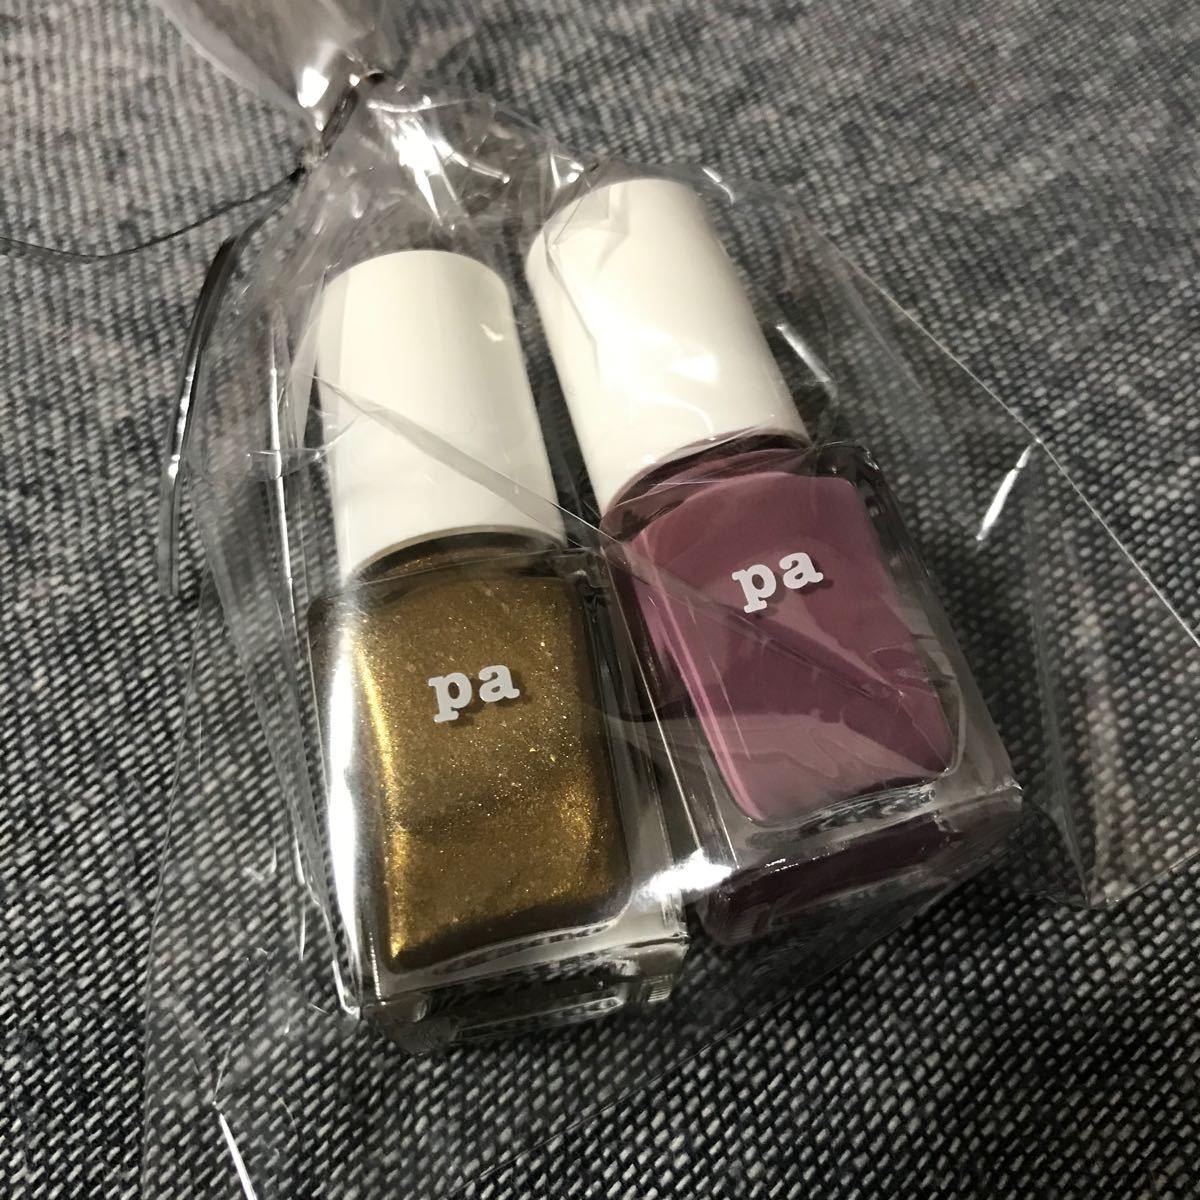 新品 pa ネイルカラー 爪化粧料 マニキュア セット